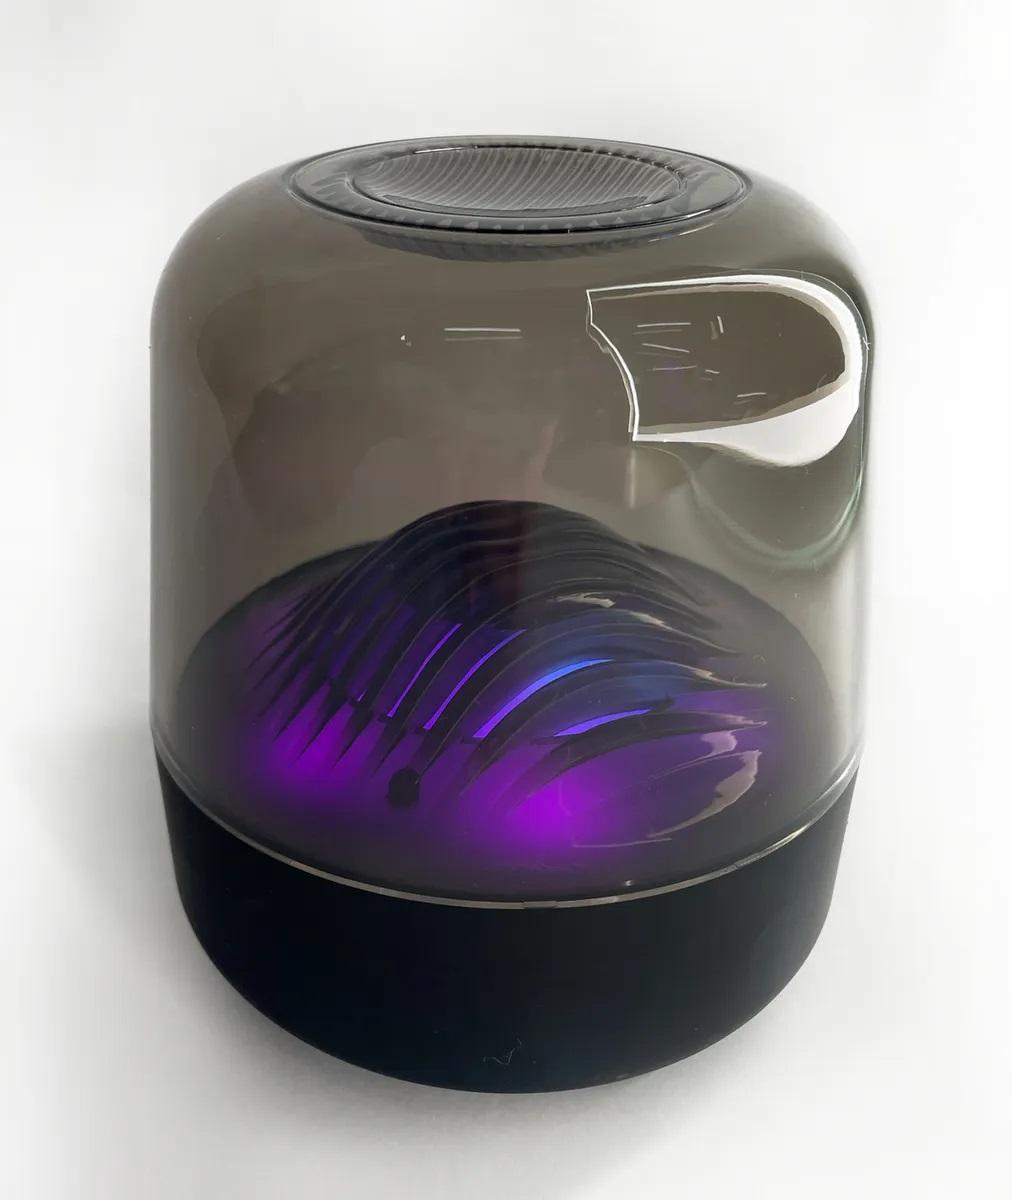 Беспроводная портативная акустическая система Big Diamond, Bluetooth колонка с умной подсветкой, глубокий звук, чёрный